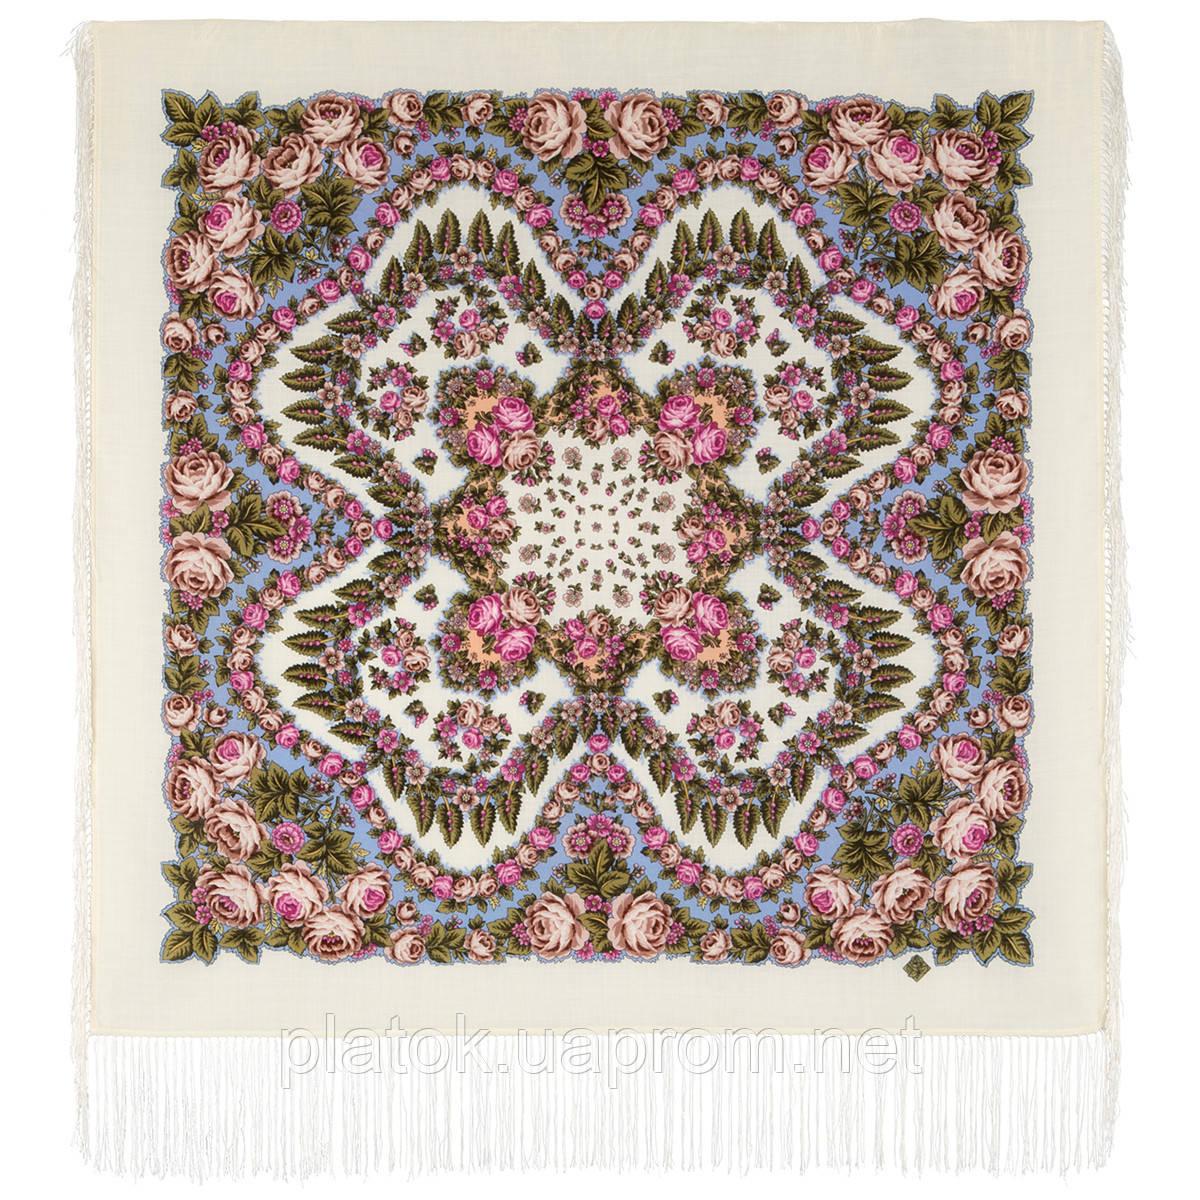 Ночь светла 1837-0, павлопосадский платок шерстяной  с шелковой бахромой